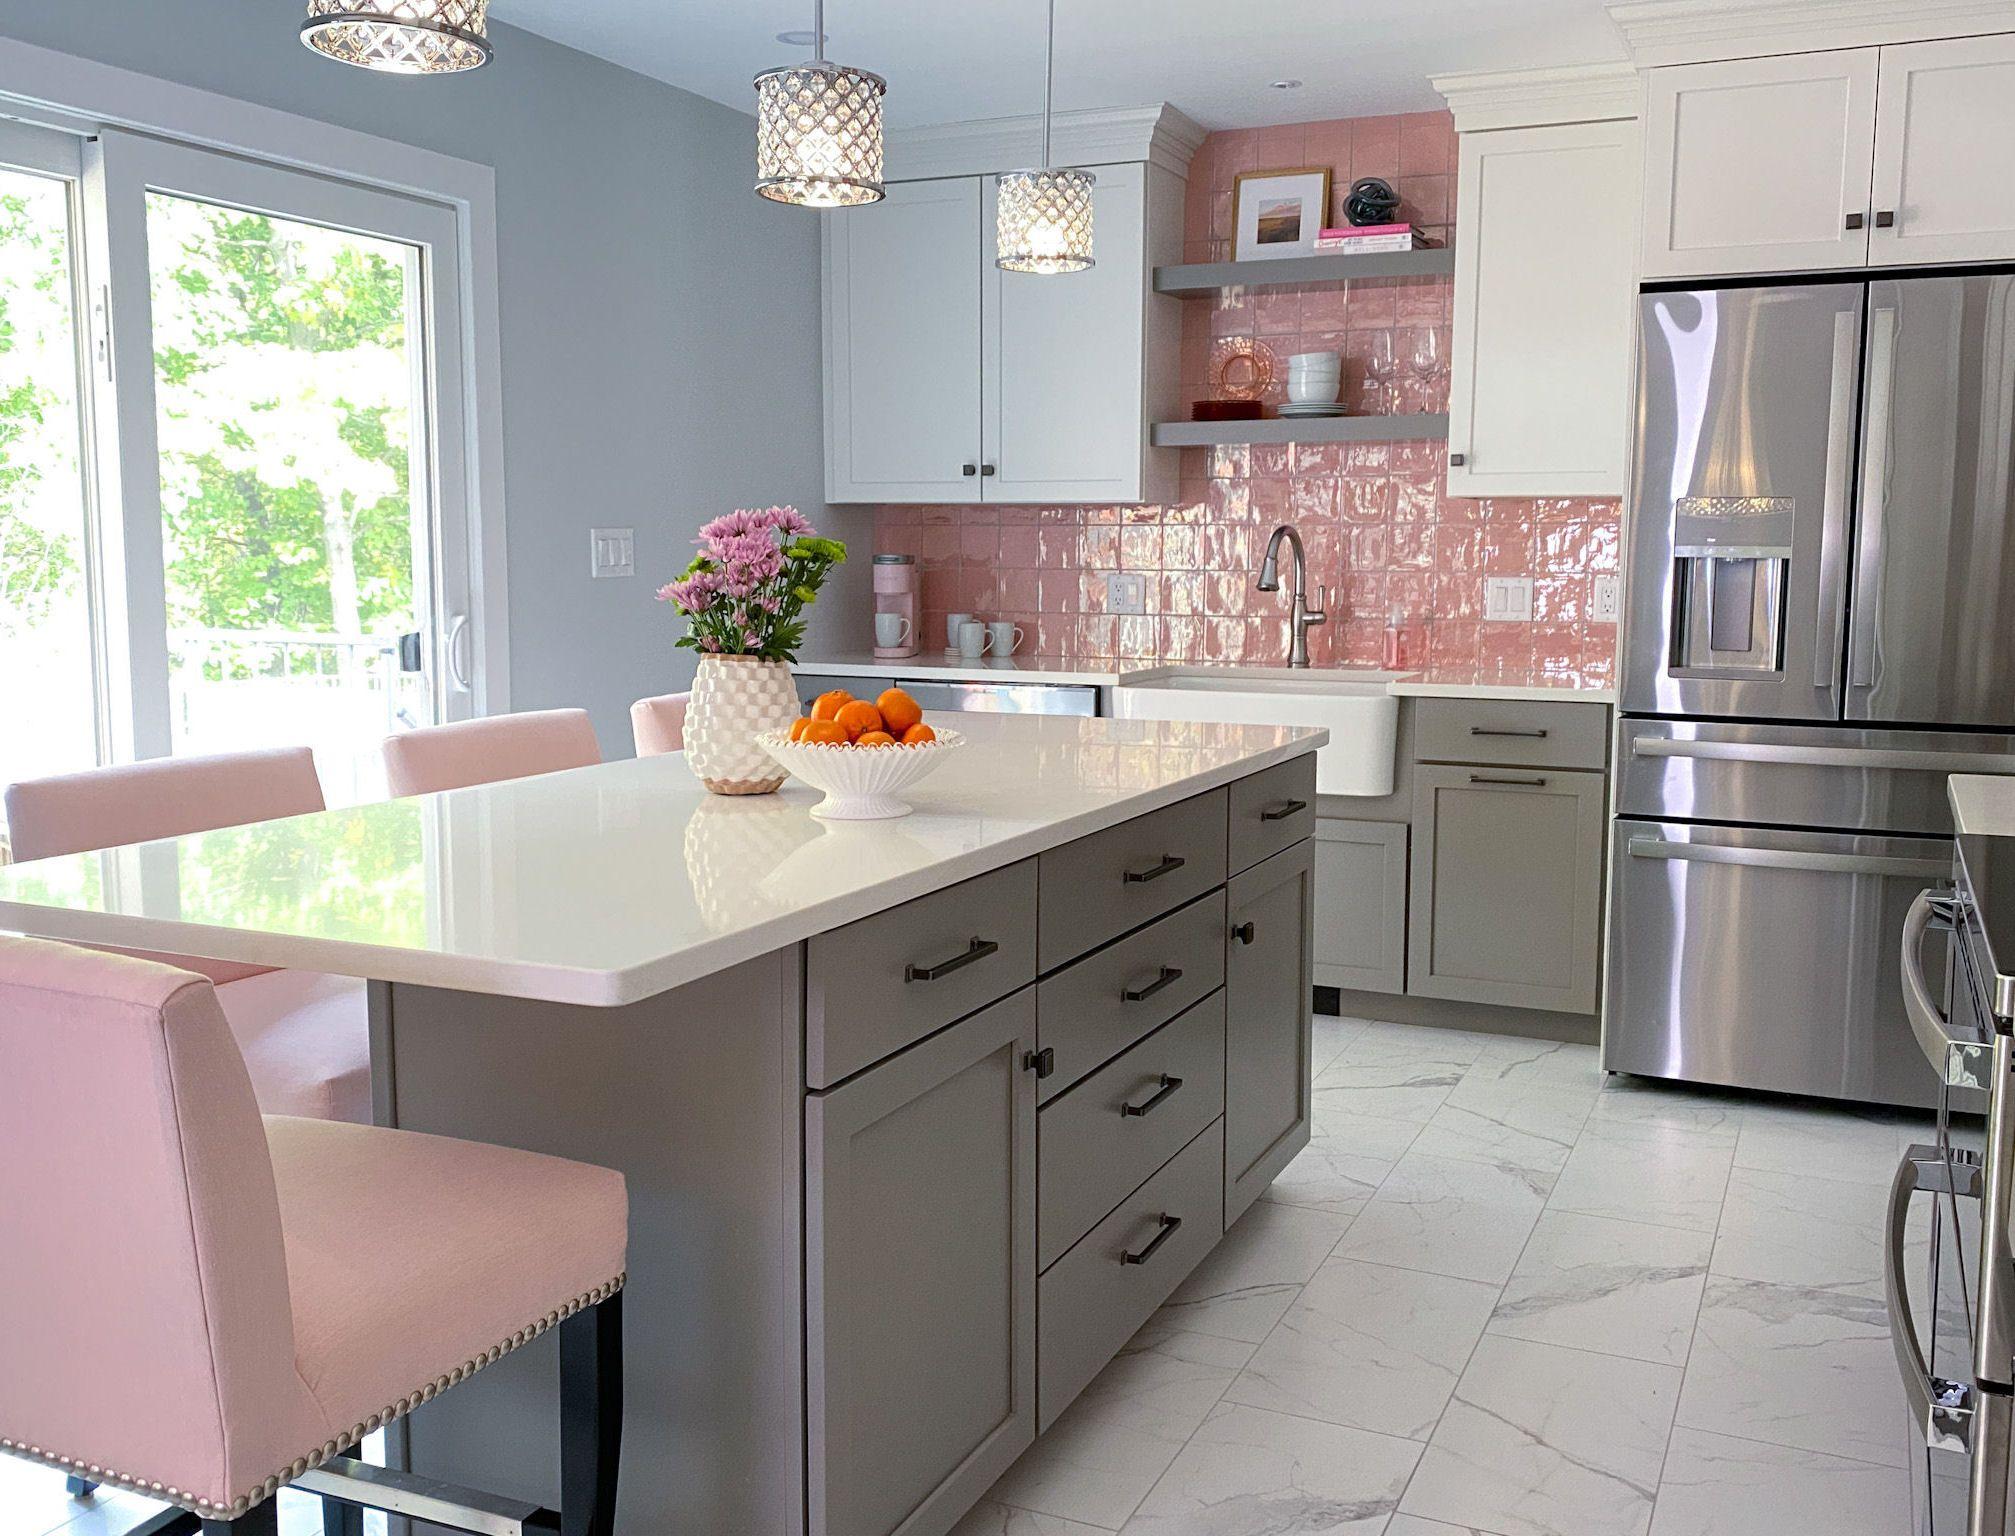 Pink Backsplash Kitchen Kitchen Design Decor Pink And Grey Kitchen Pink Kitchen